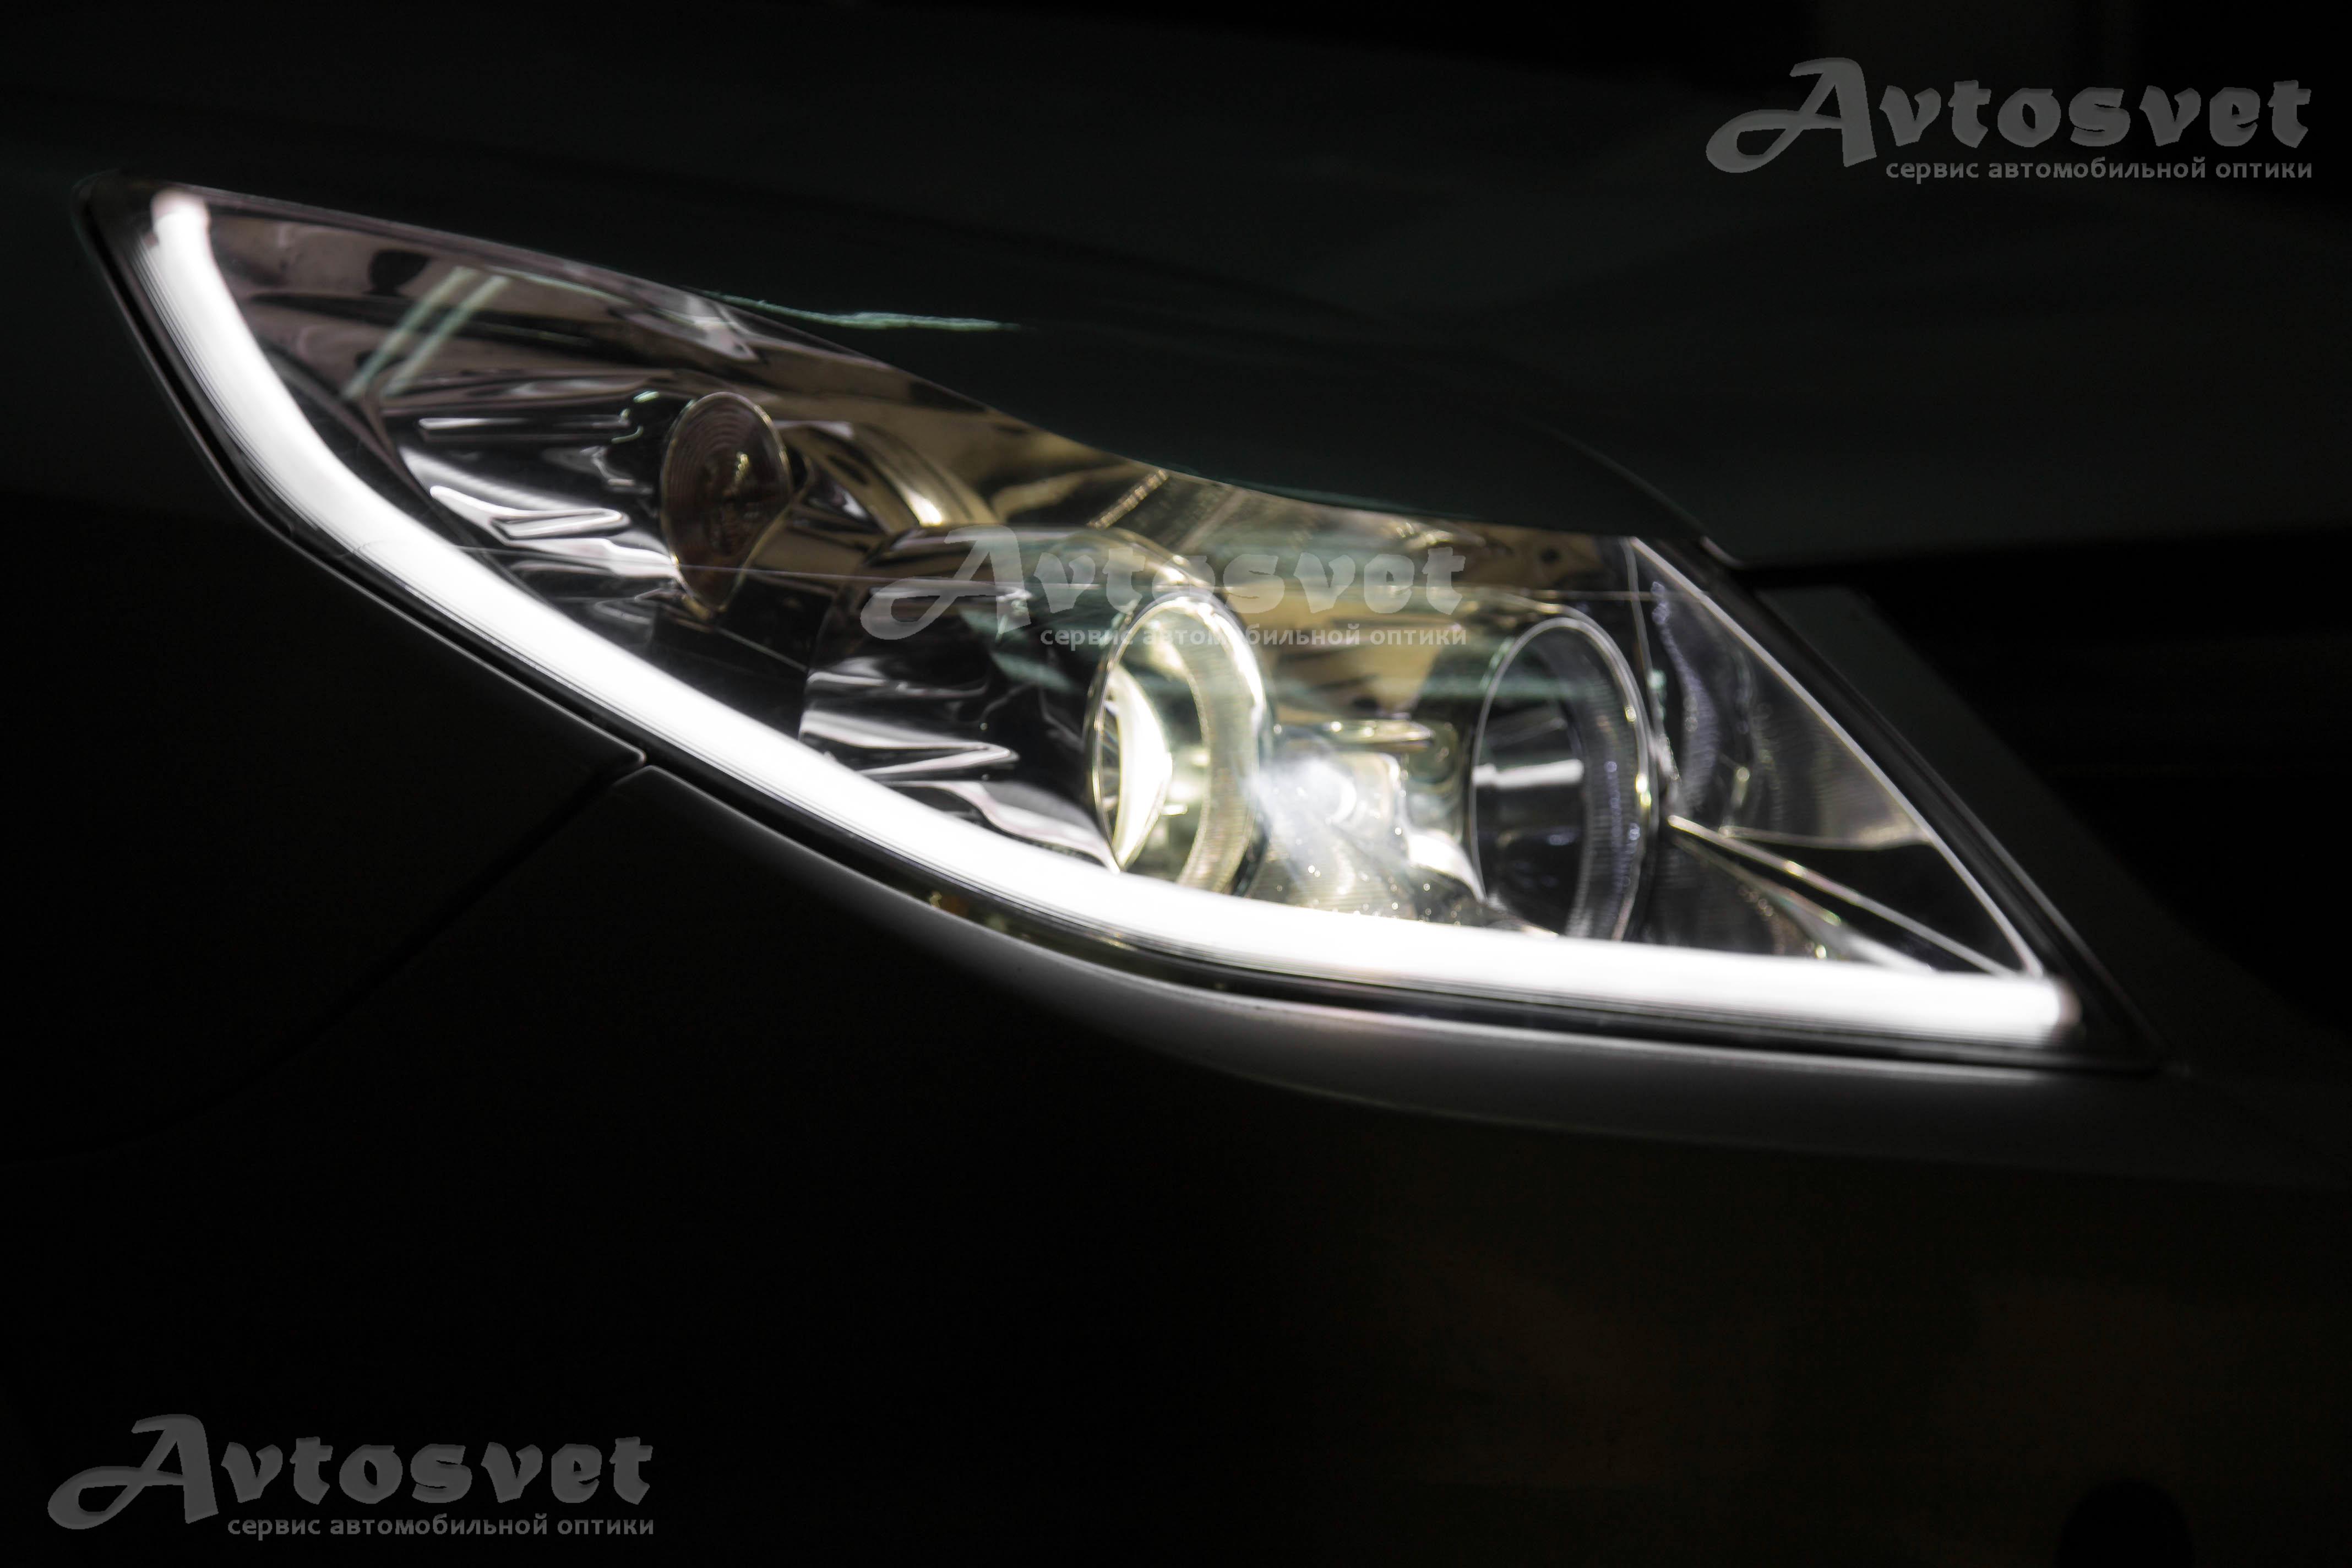 Opel Vectra замена штатной линзы, установка гибкой светодиодной ленты, покрытие фар защитным лаком